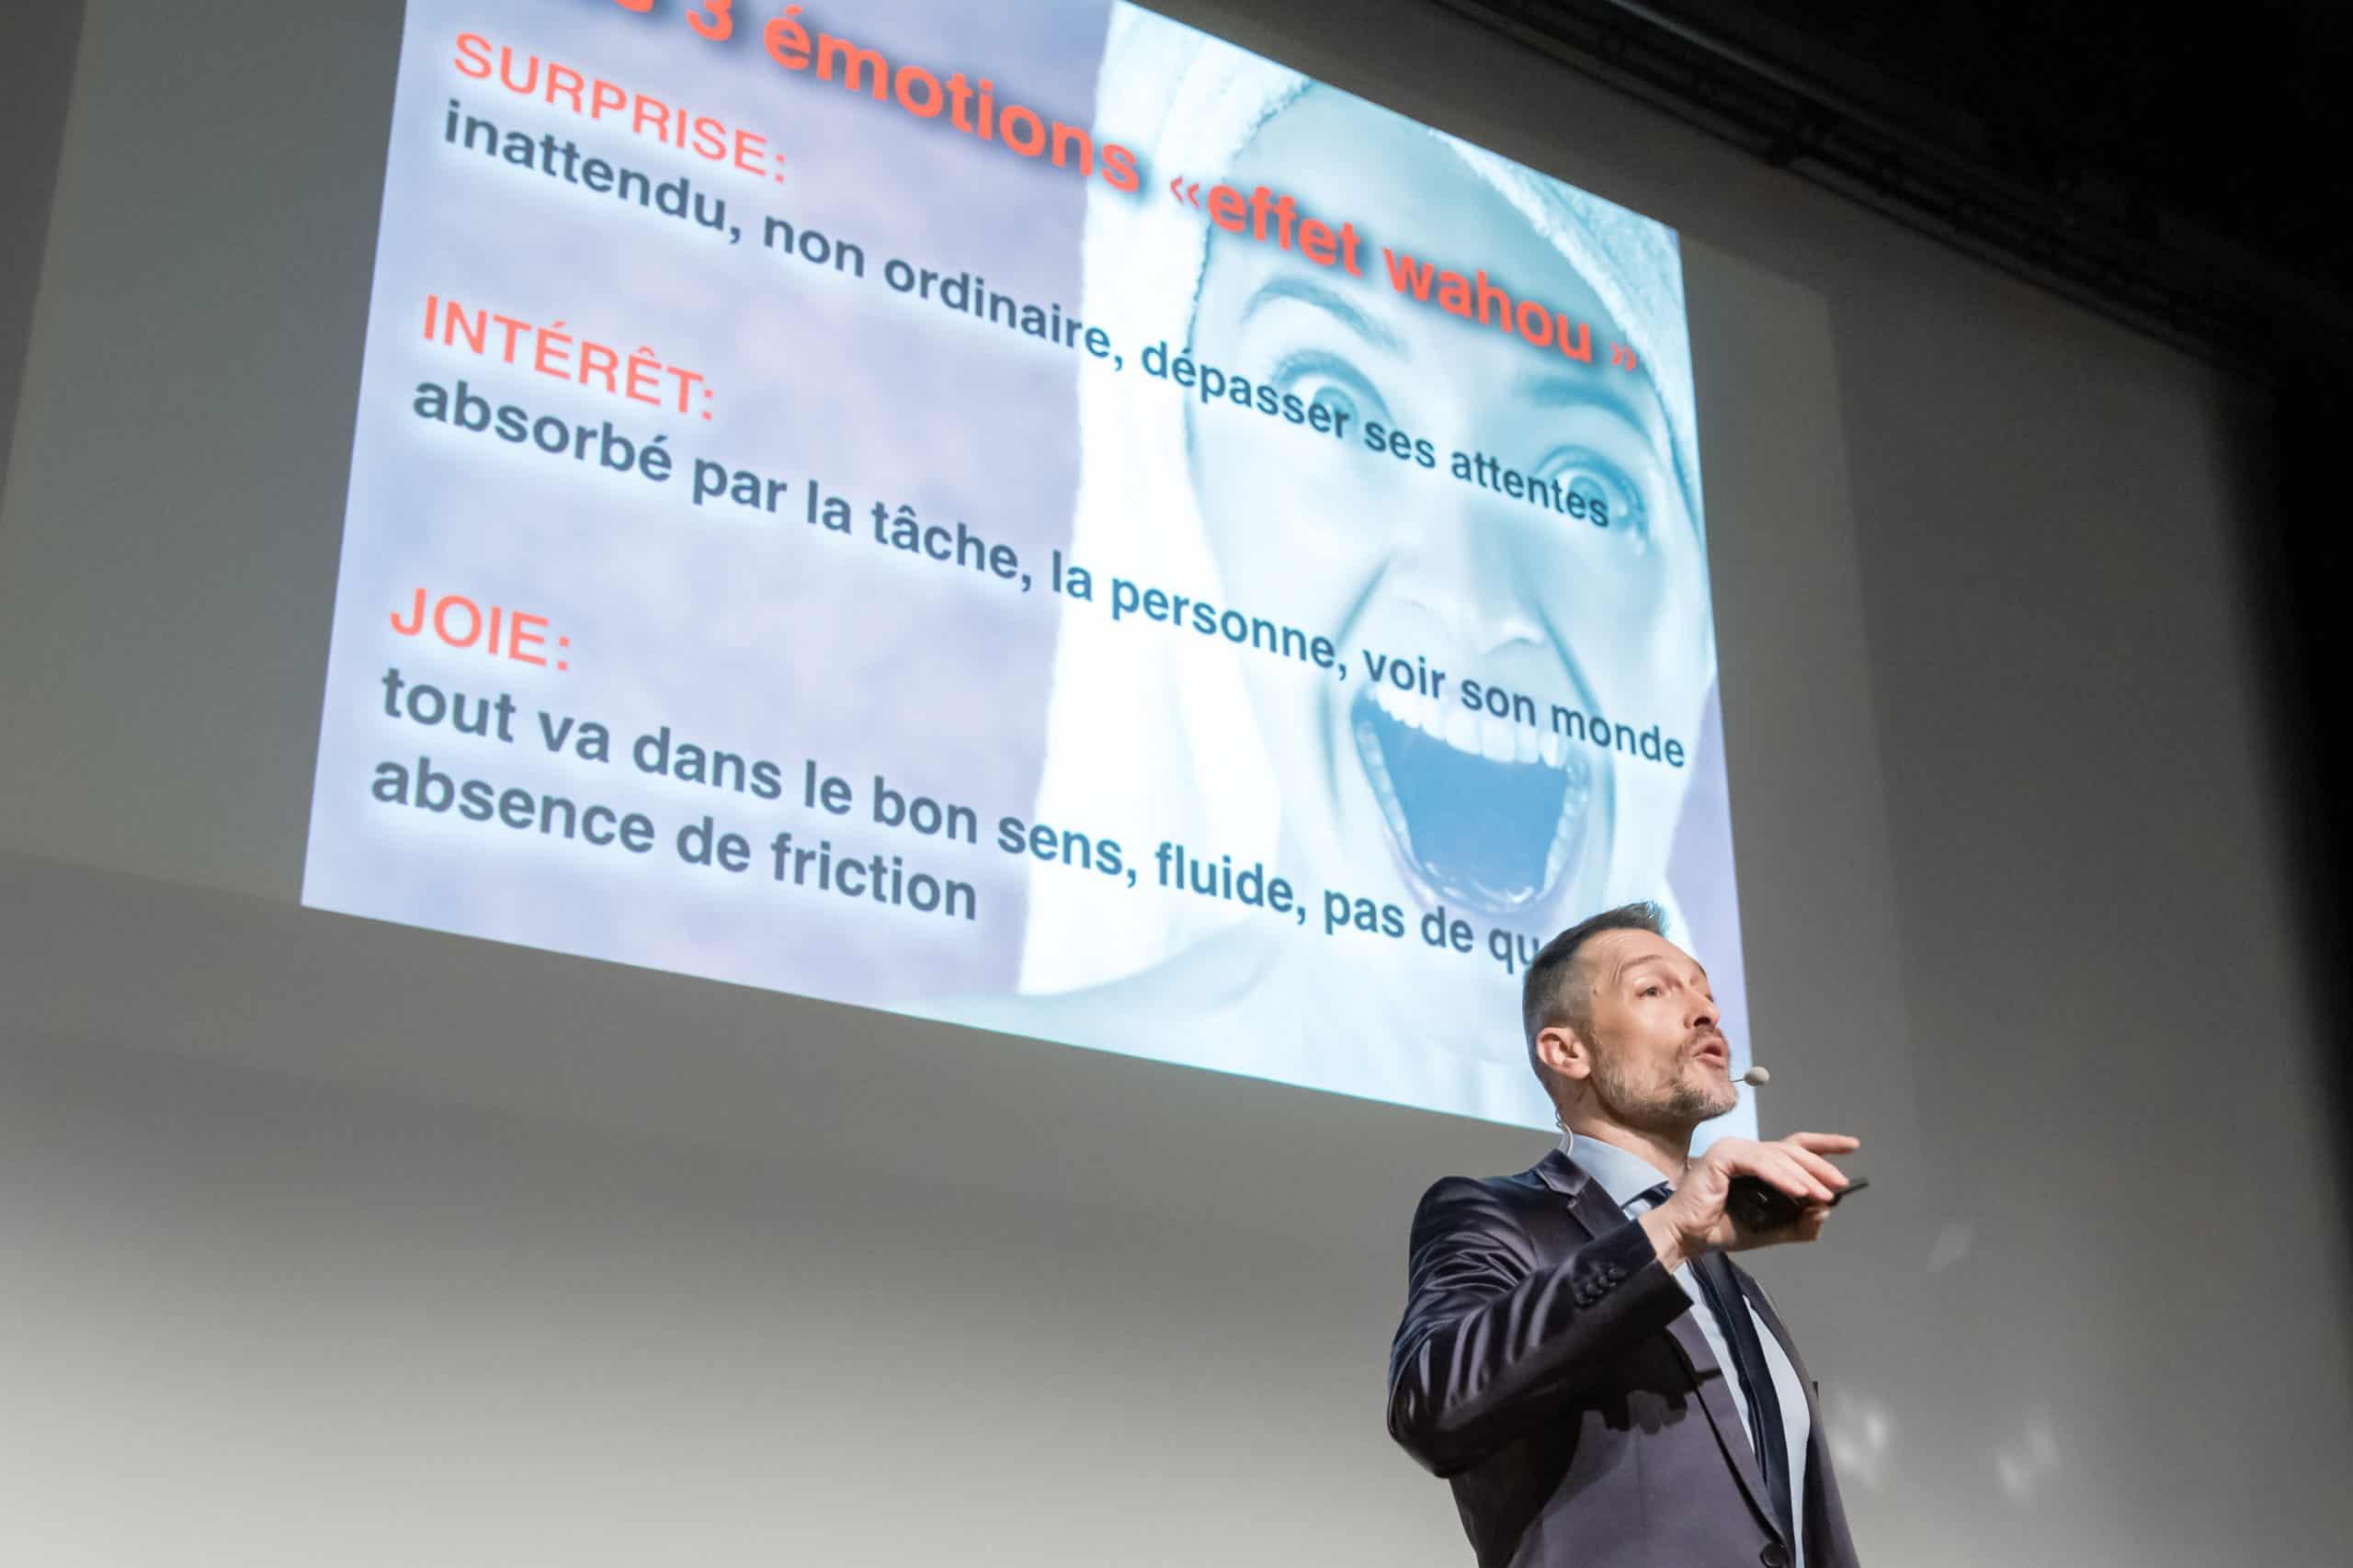 L'effet wahou dans l'expérience client par le conférencier Laurent Beretta